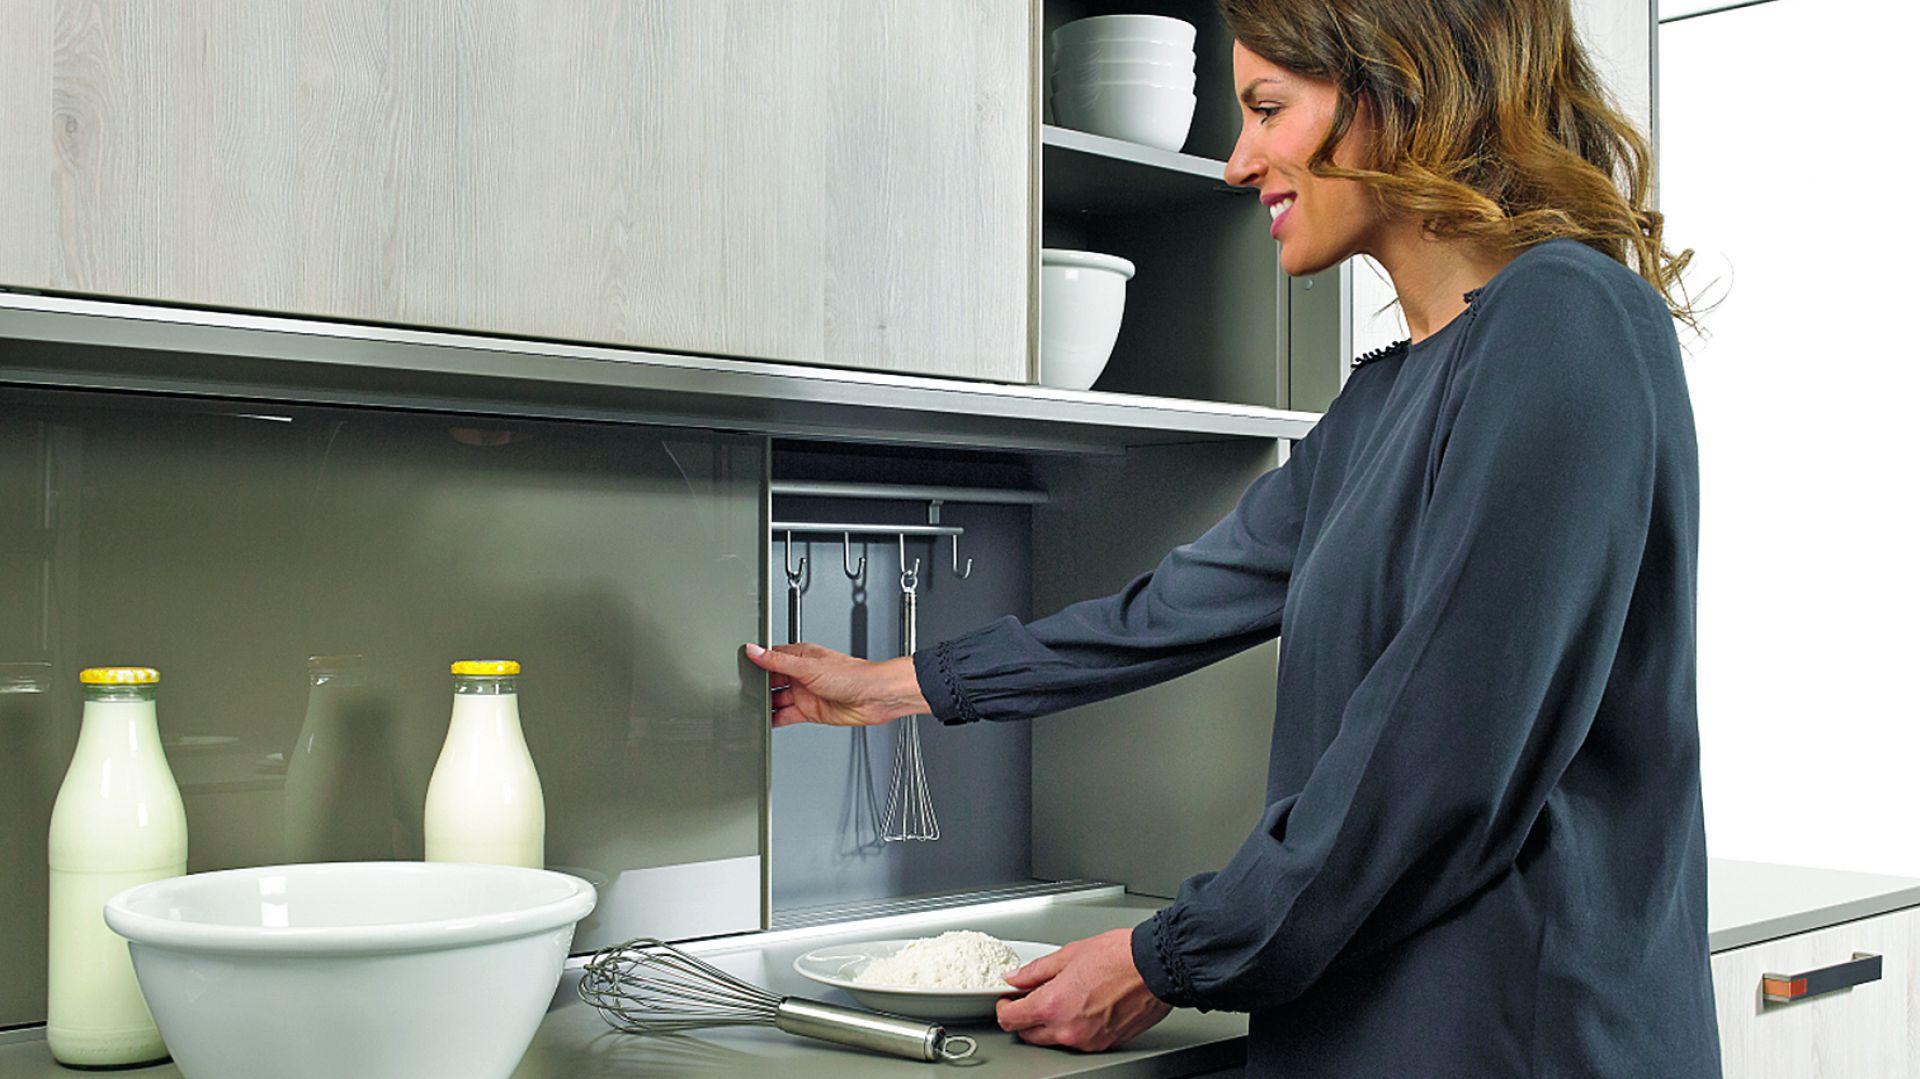 System Slideline M do przesuwnych drzwi wpuszczanych, umożliwia przechowywanie akcesoriów kuchennych, na które nie mamy miejsca w szafkach lub nie chcemy ich trzymać na widoku. Jednym ruchem dłoni delikatnie przesuwamy front, ukrywając zawartość schowka. Dostępny w ofercie firmy Hettich. Fot. Hettich